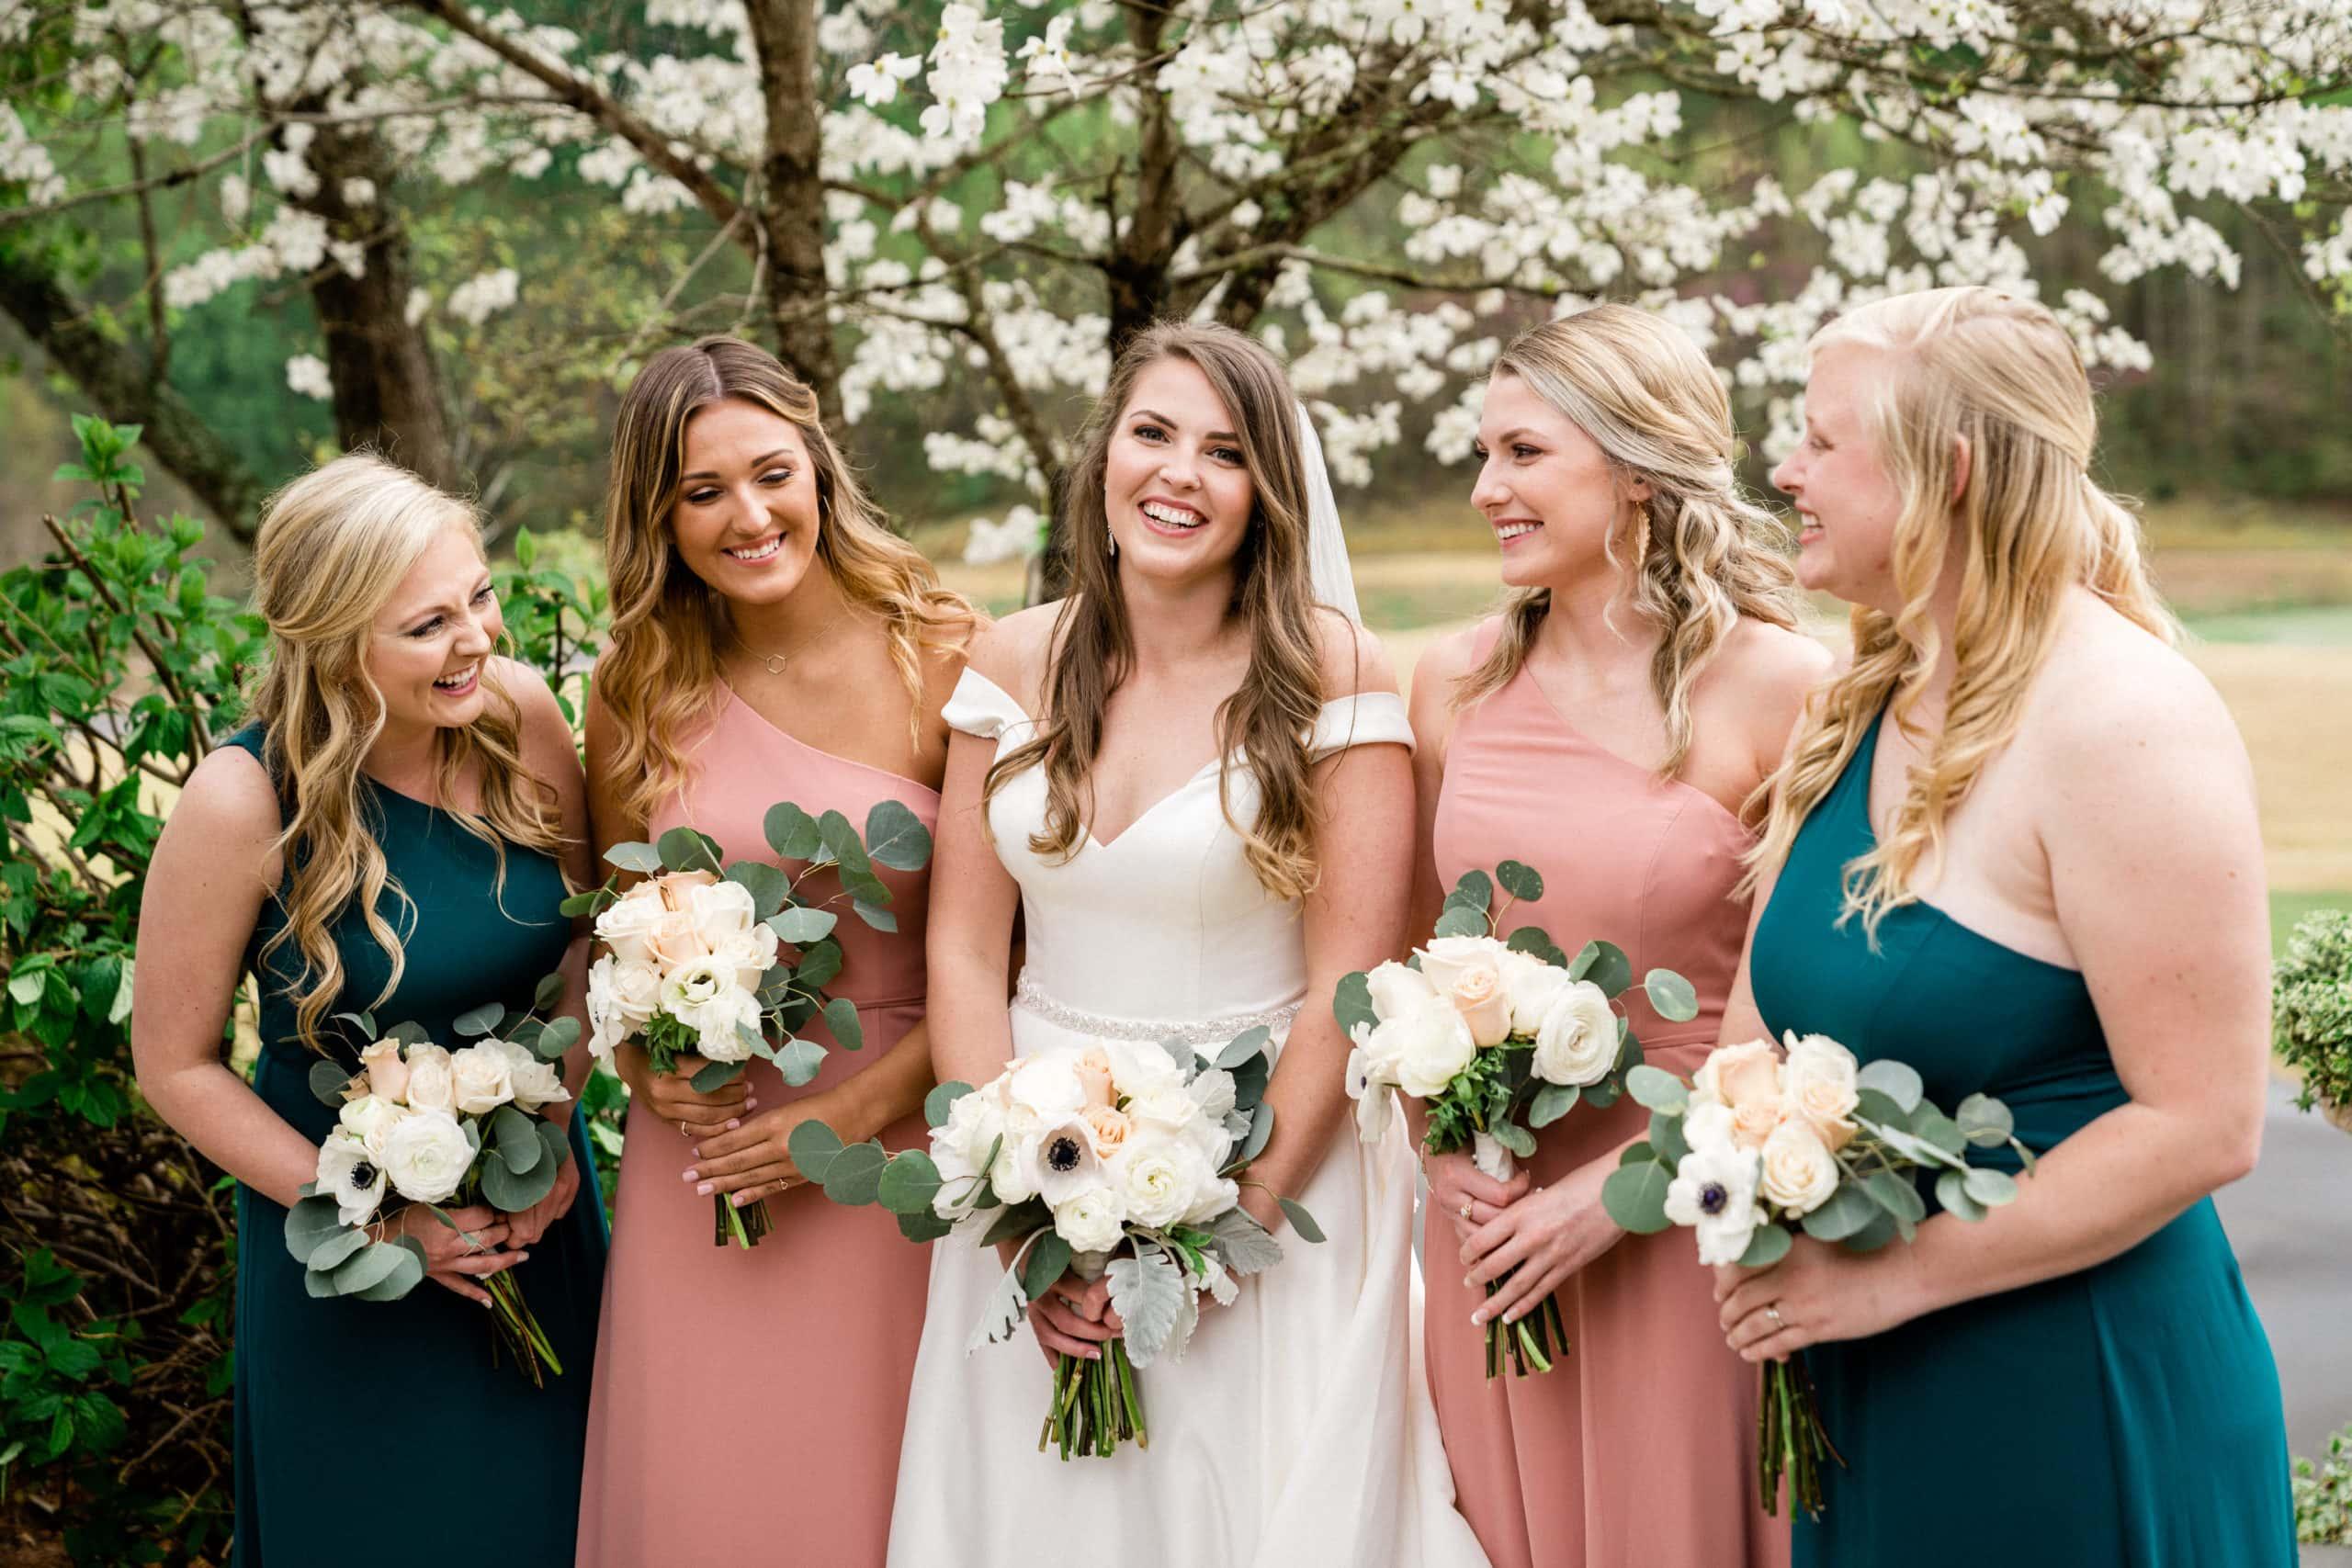 Bridal party smiling at the camera